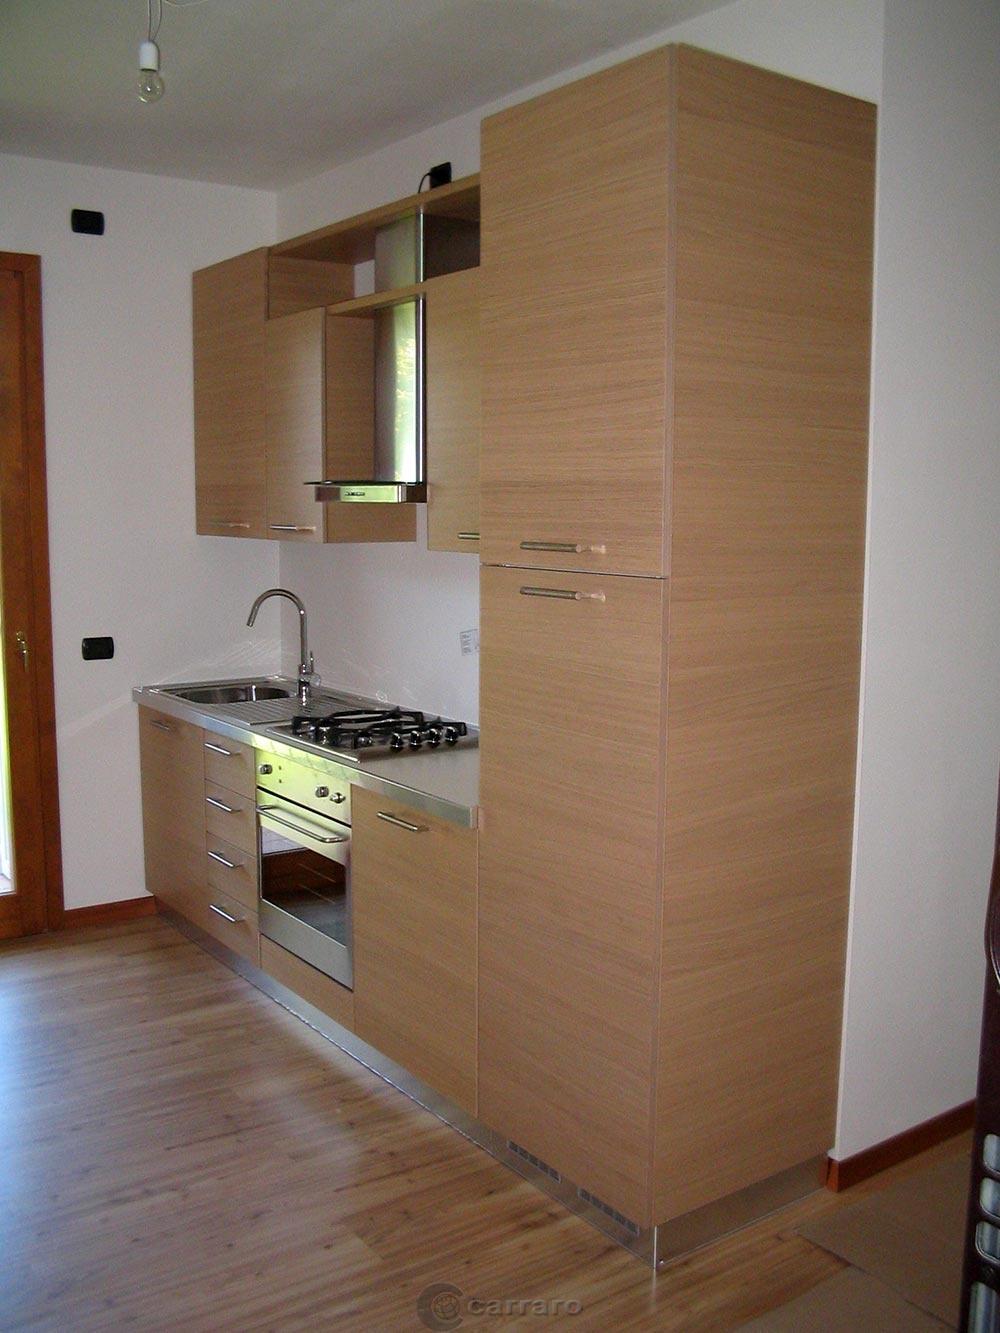 Prodotti - Categoria: Cucine moderne - Immagine: cucina ...